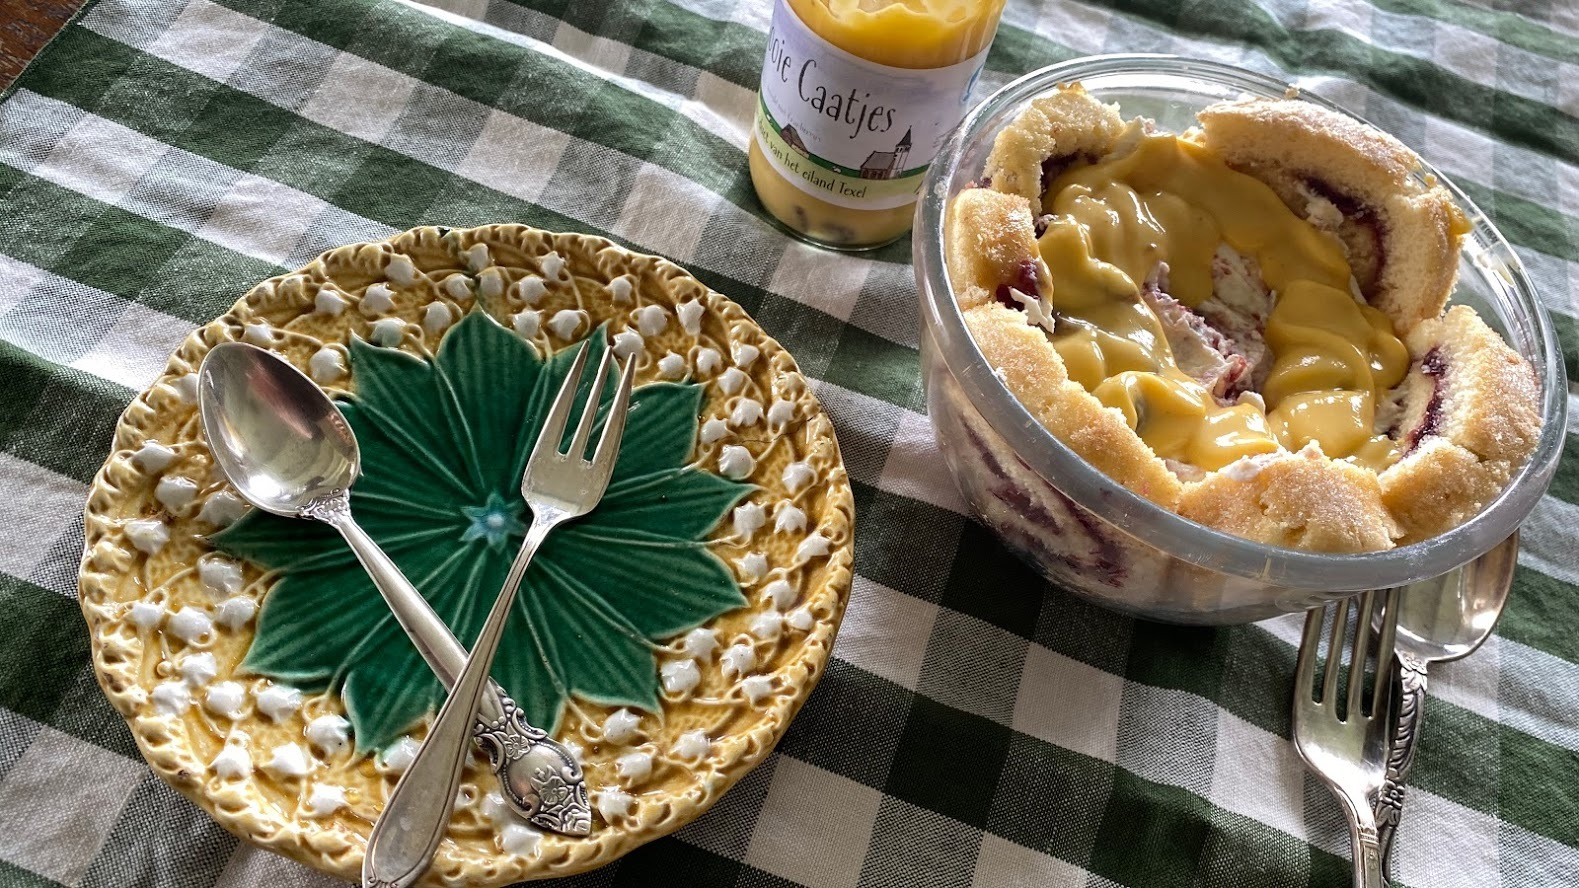 Texelse trifle VVV Texel Fotograaf Annette van Ruitenburg 2